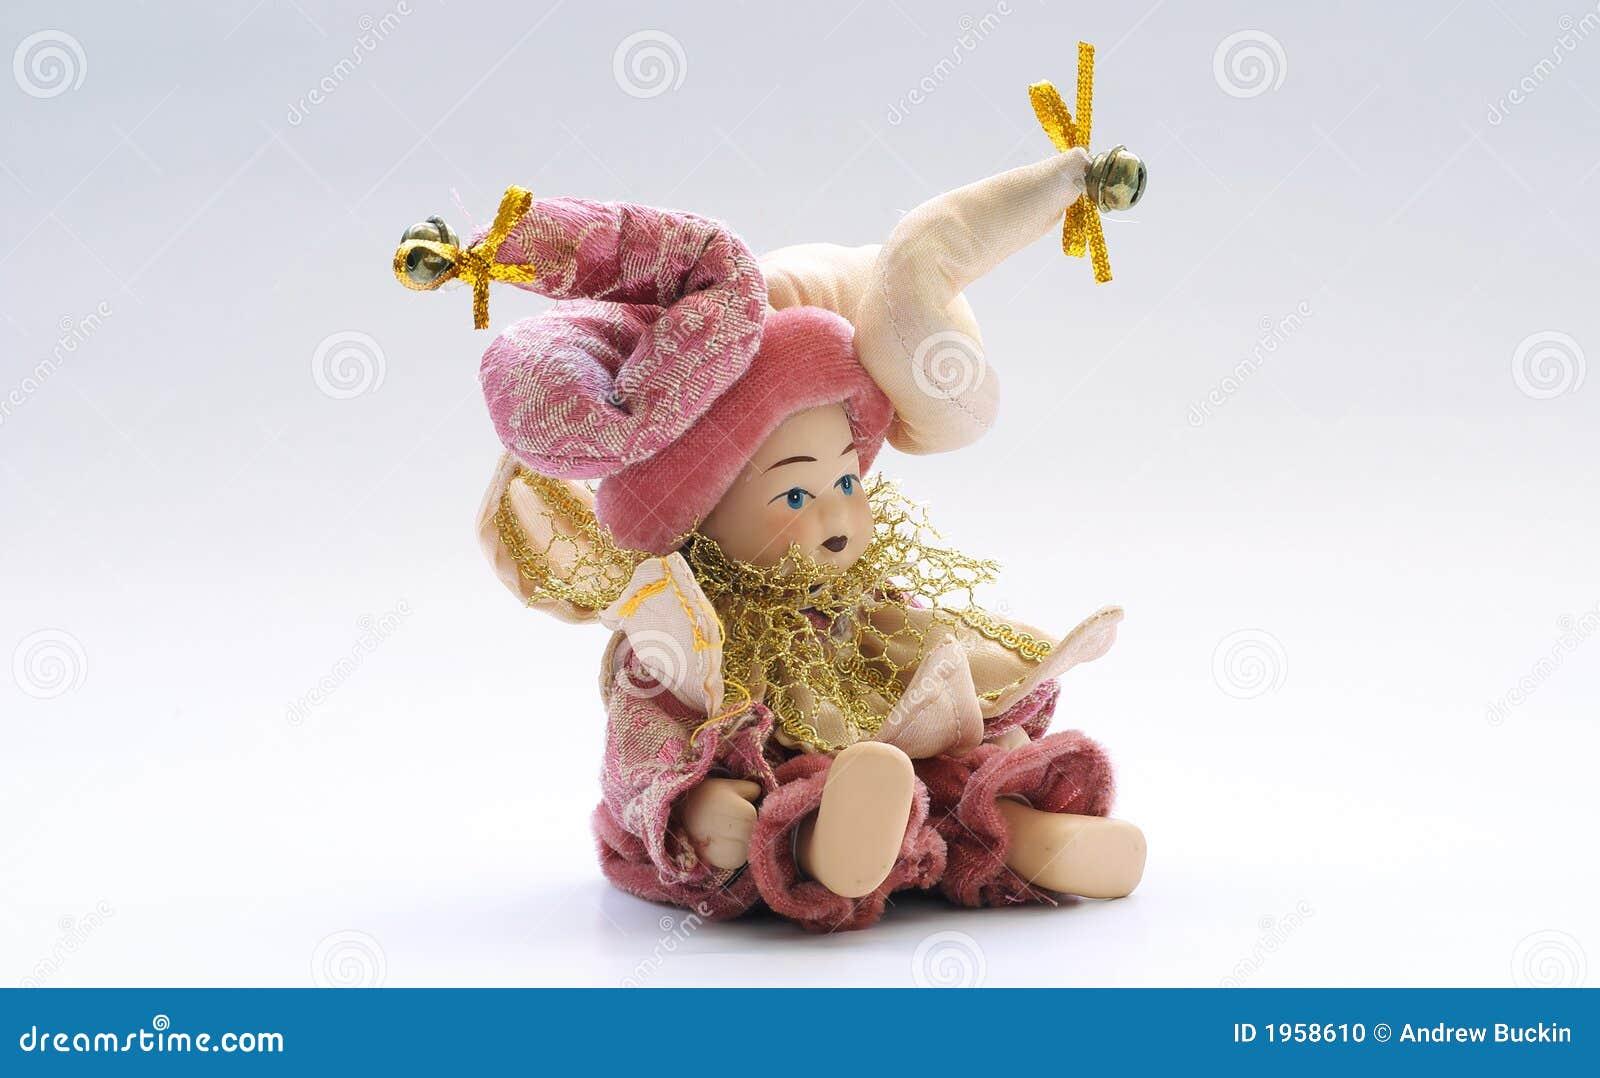 2威尼斯式的玩偶